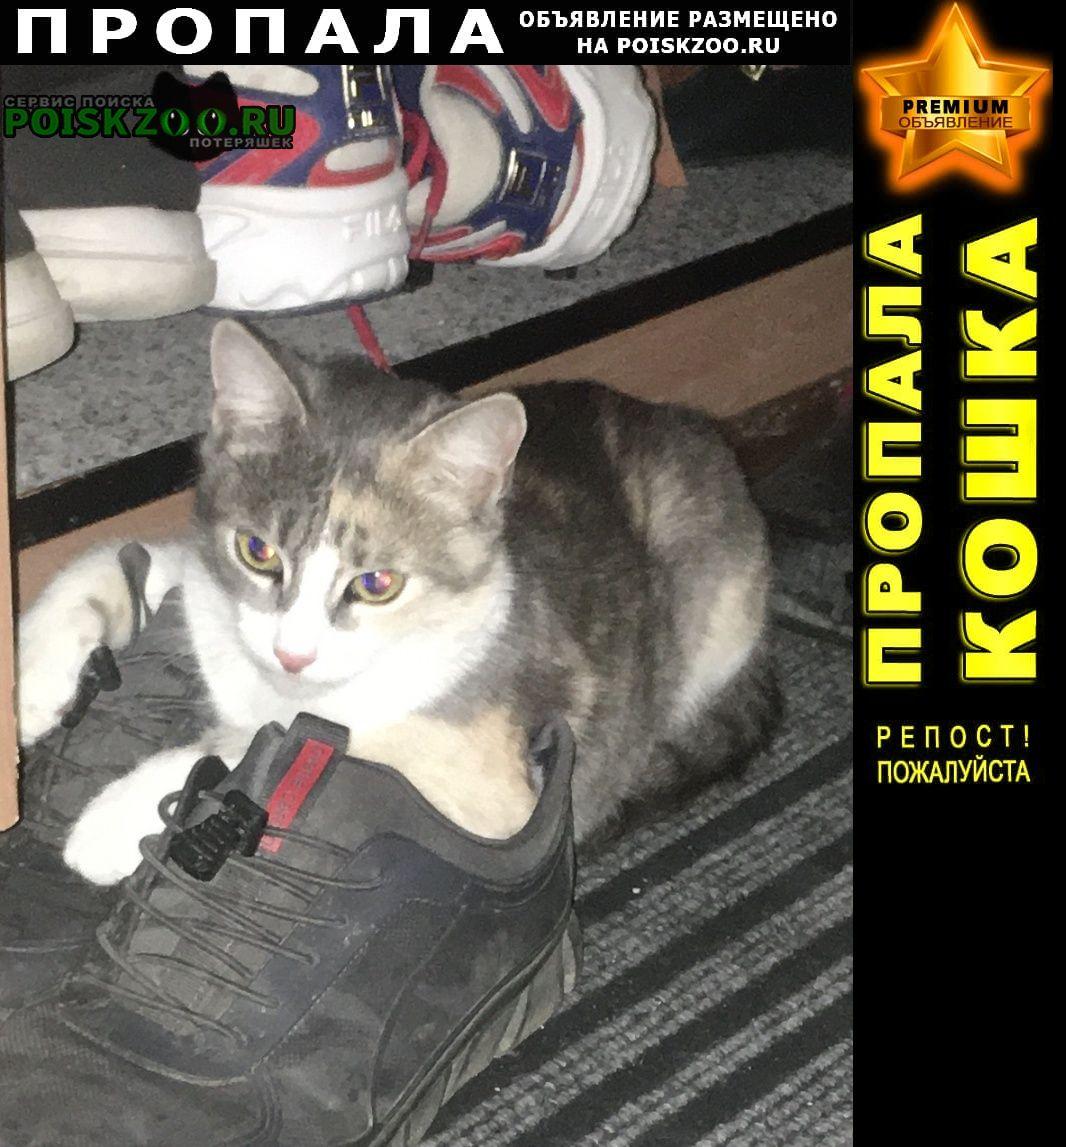 Пропала кошка. Крымск